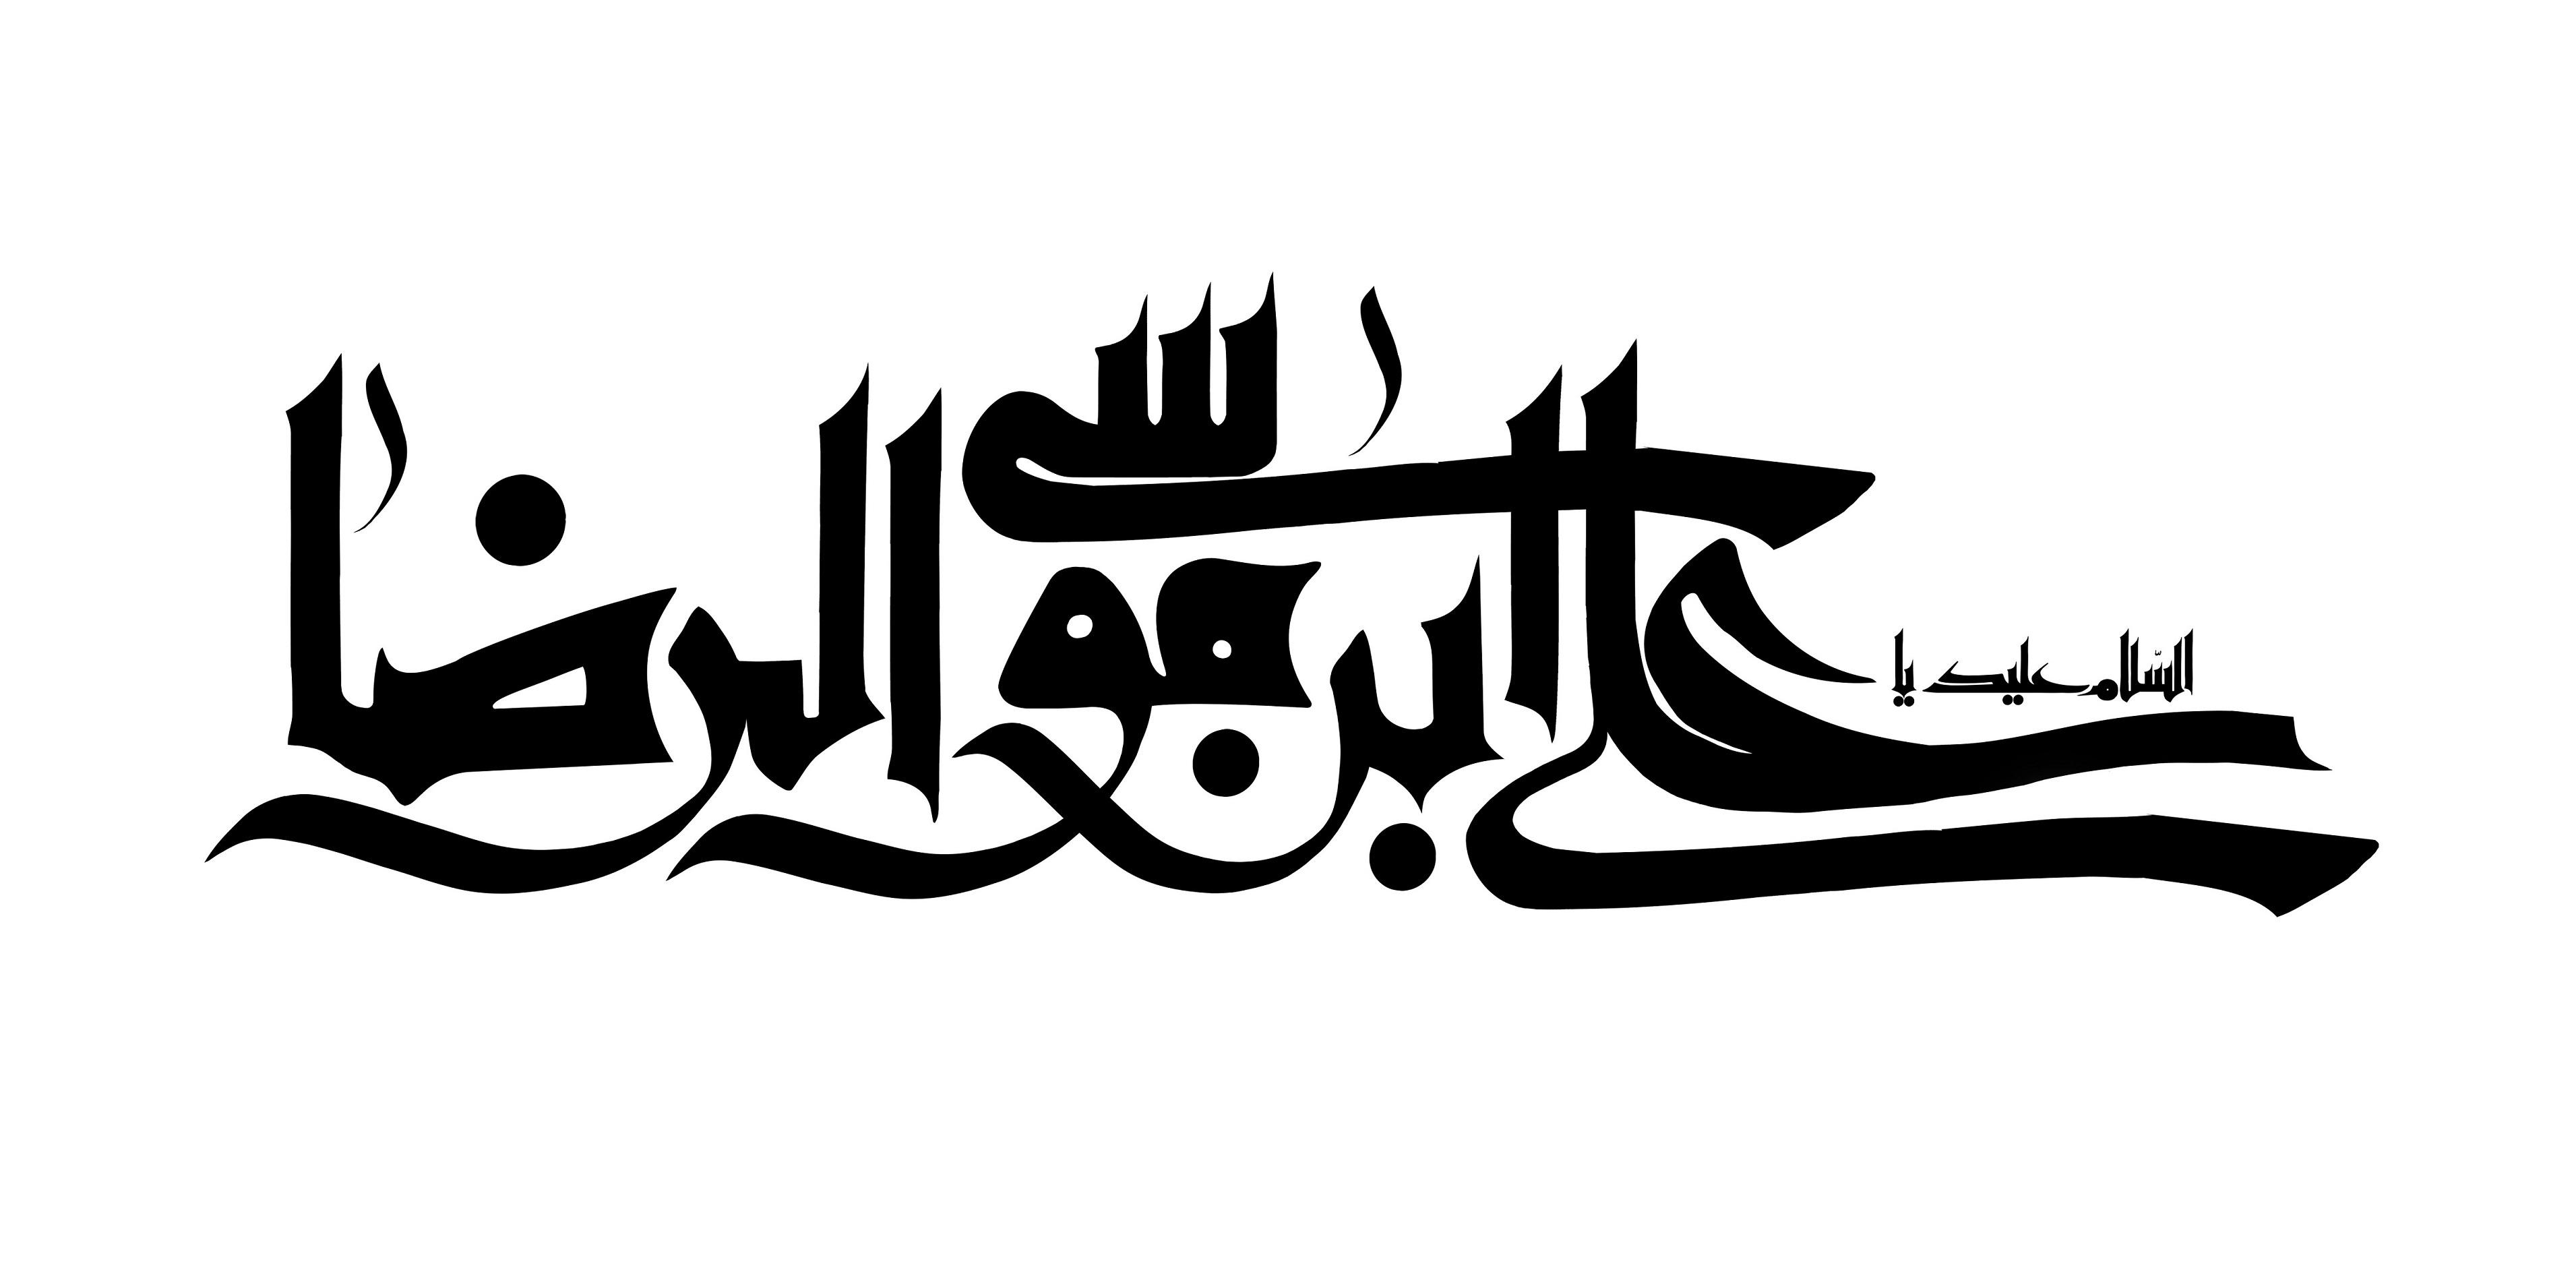 امام رضا(ع) چگونه نماز میکرد؟ ///آماده انتشار